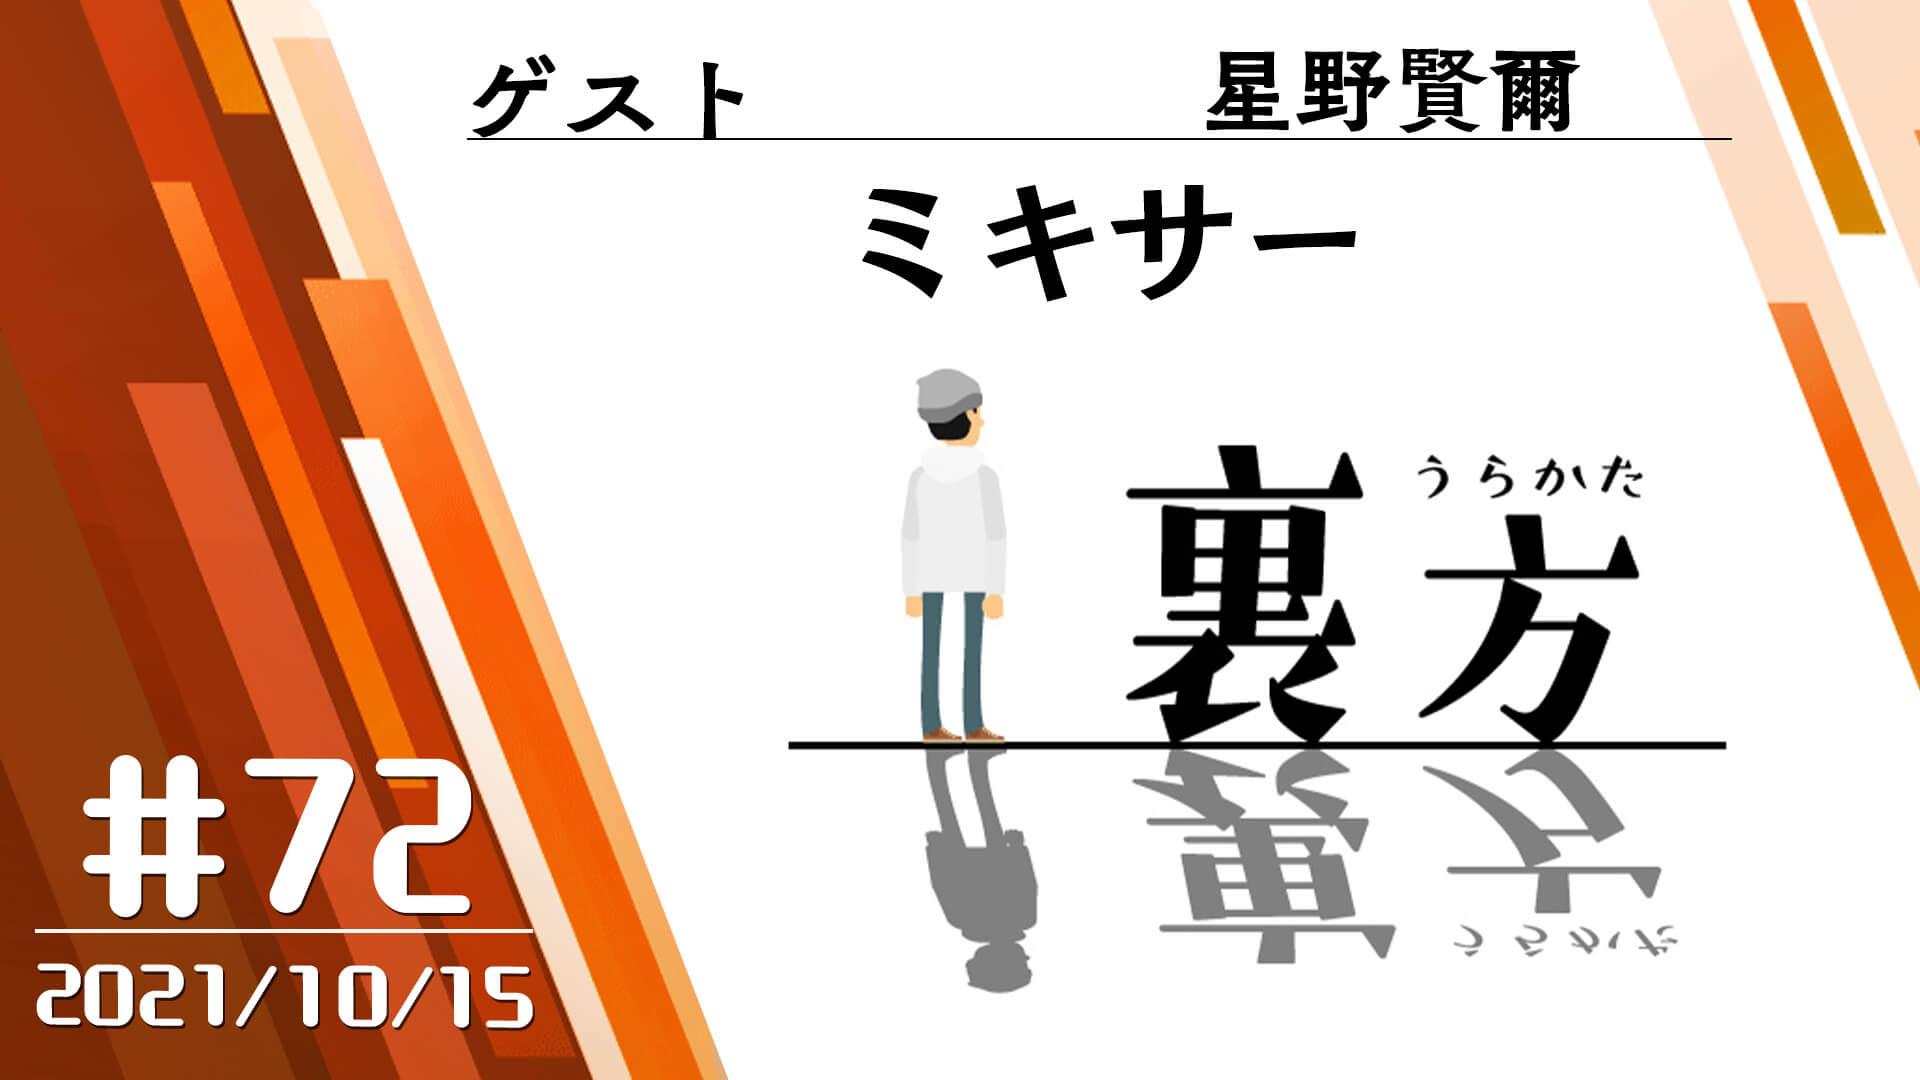 【ゲスト:ミキサー 星野賢爾さん】文化放送超!A&G+ 「裏方」#72 (2021年10月15日放送分)